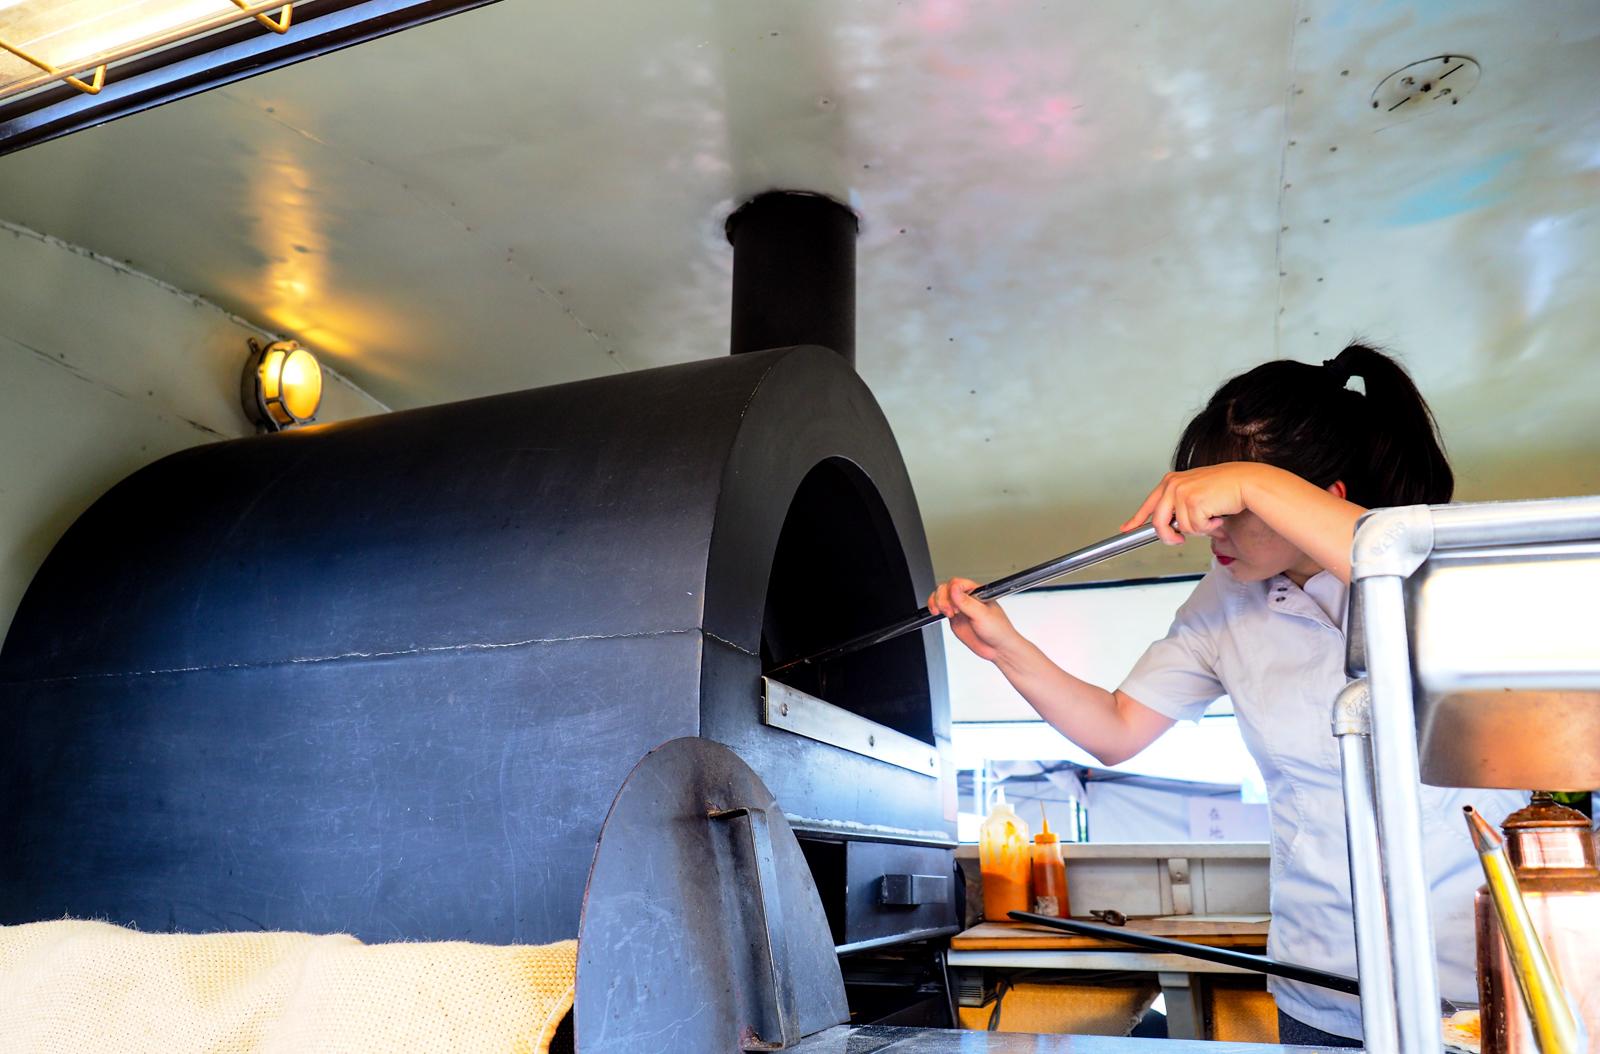 【台北幽靈餐車】工業風格的防暴車 竟然是賣美味比薩!River&Truck PizzaTruck